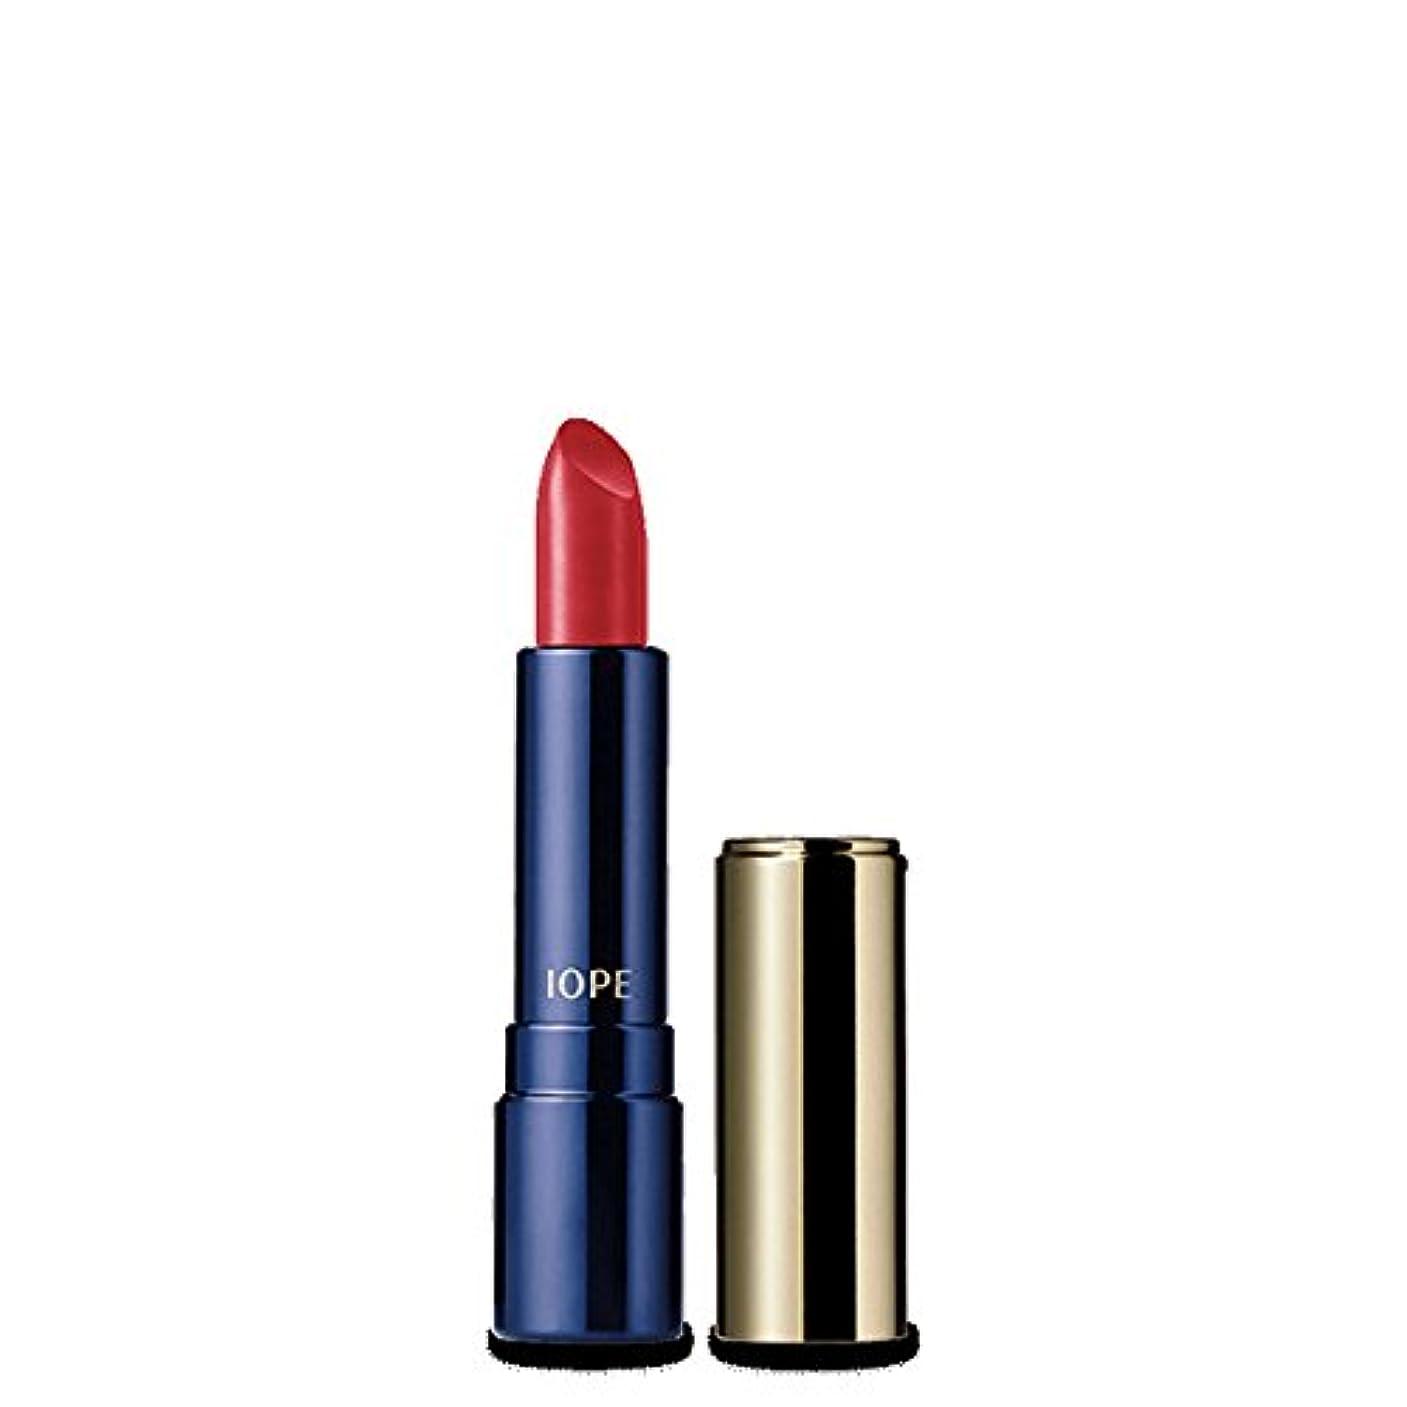 乱す間違い行動IOPE(アイオペ) Color Fit Lipstick - # 18 Classic Red 3.2g/0.107oz [海外直送品]